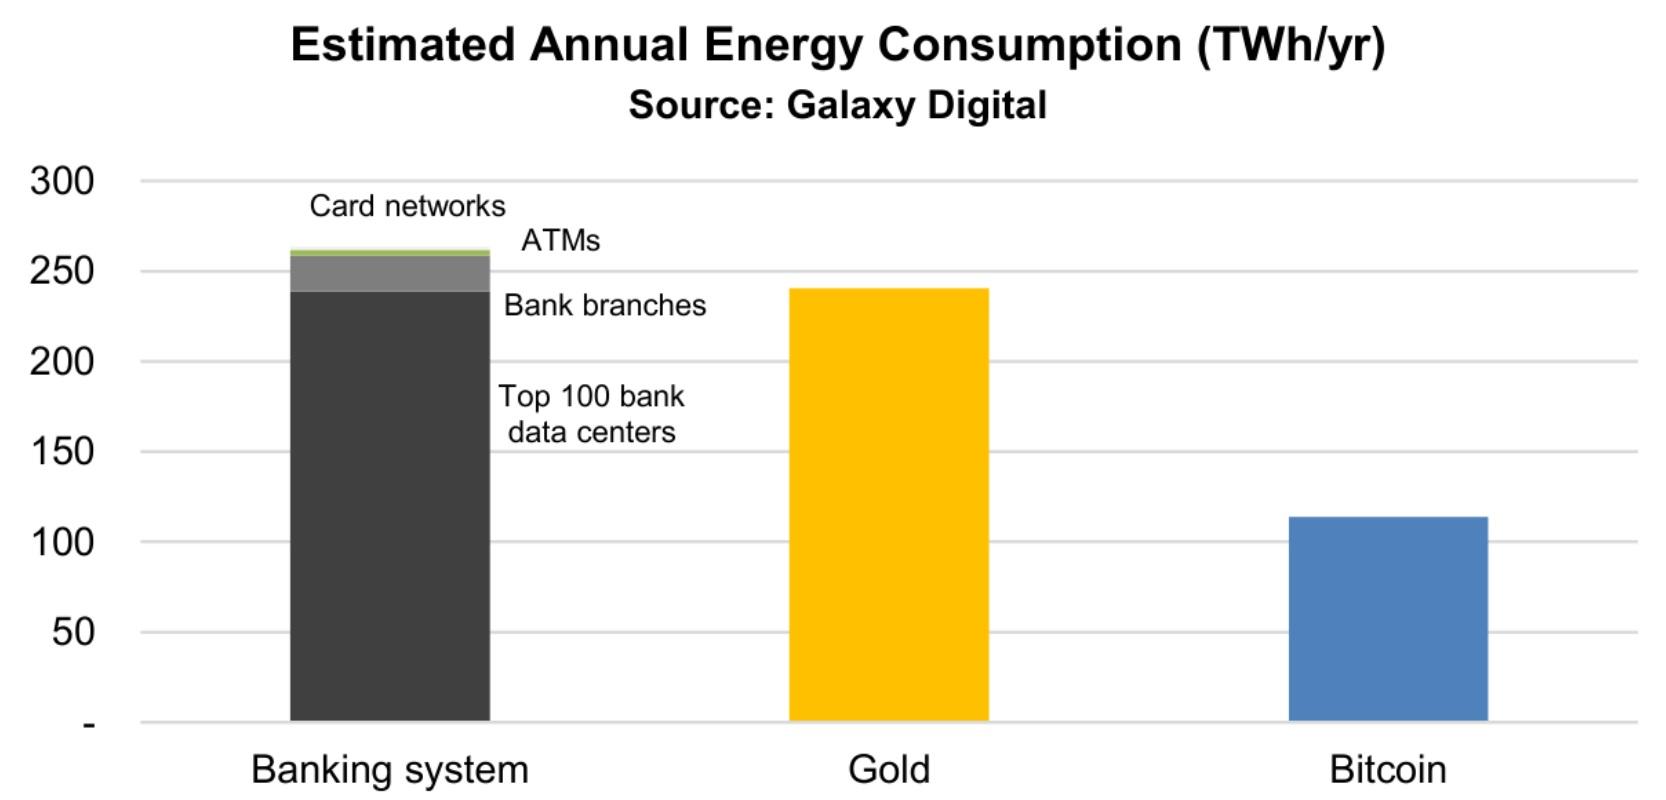 estimated annual energy consumption